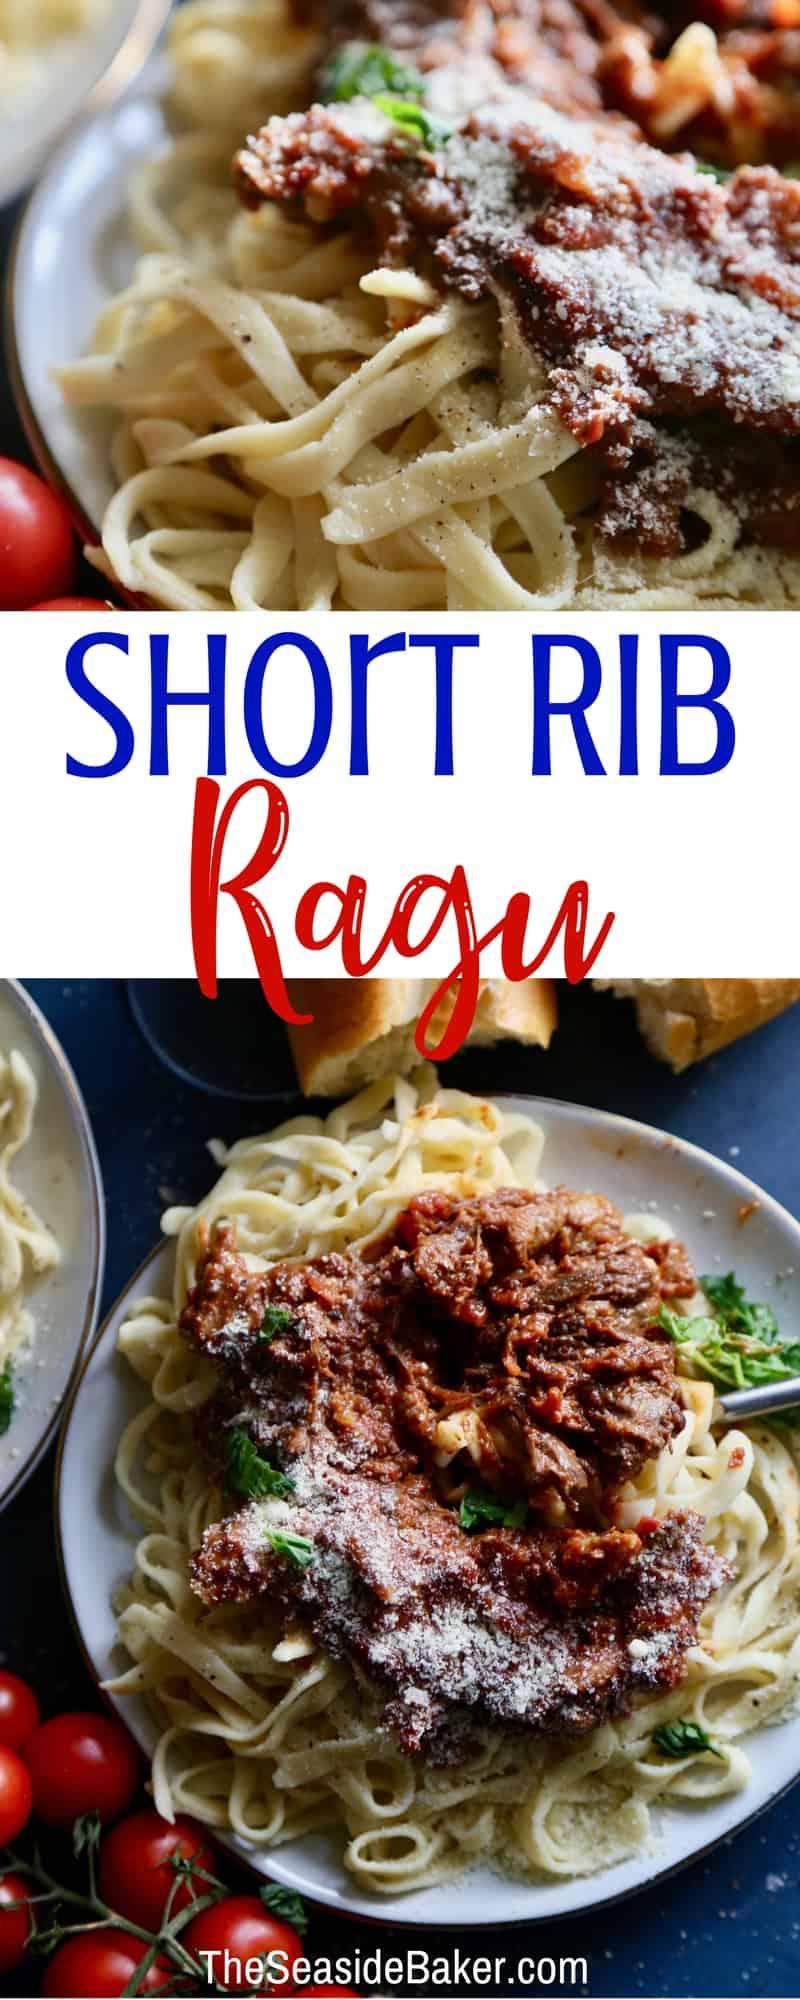 Short Rib Ragu